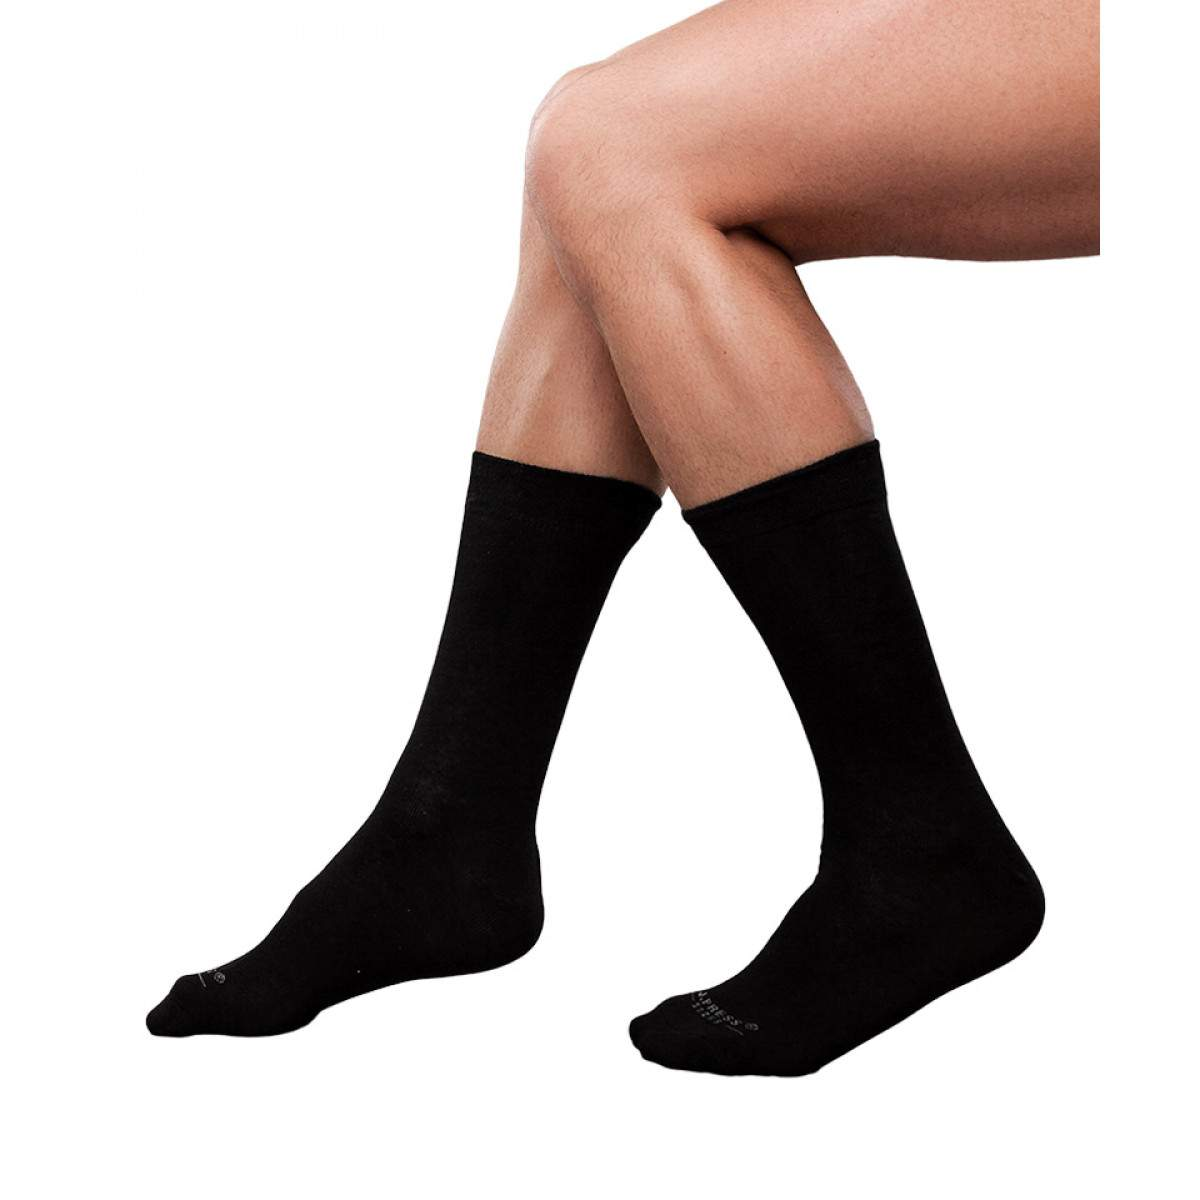 Vásároljon férfiak számára varikozus kompressziós zoknit